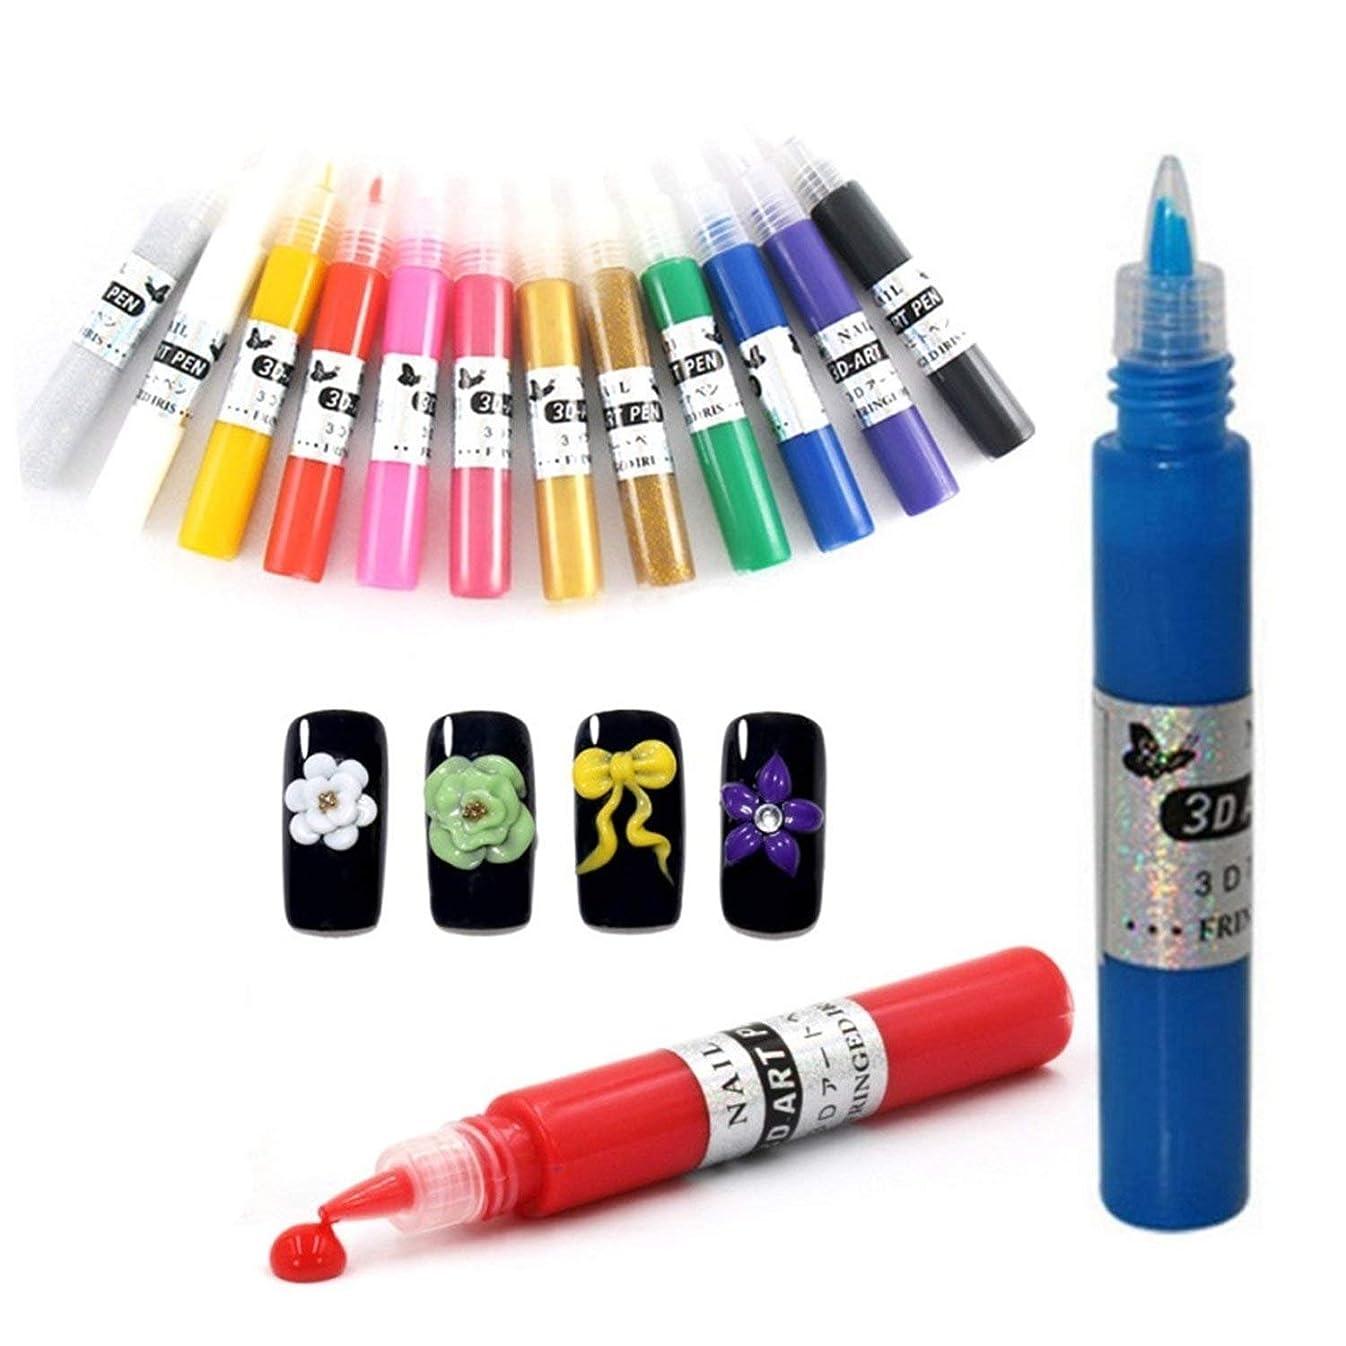 流行している意志せがむネイルアートペン  3Dネイルアートペン ネイルマニキュア液 ペイントペン DIY 12色